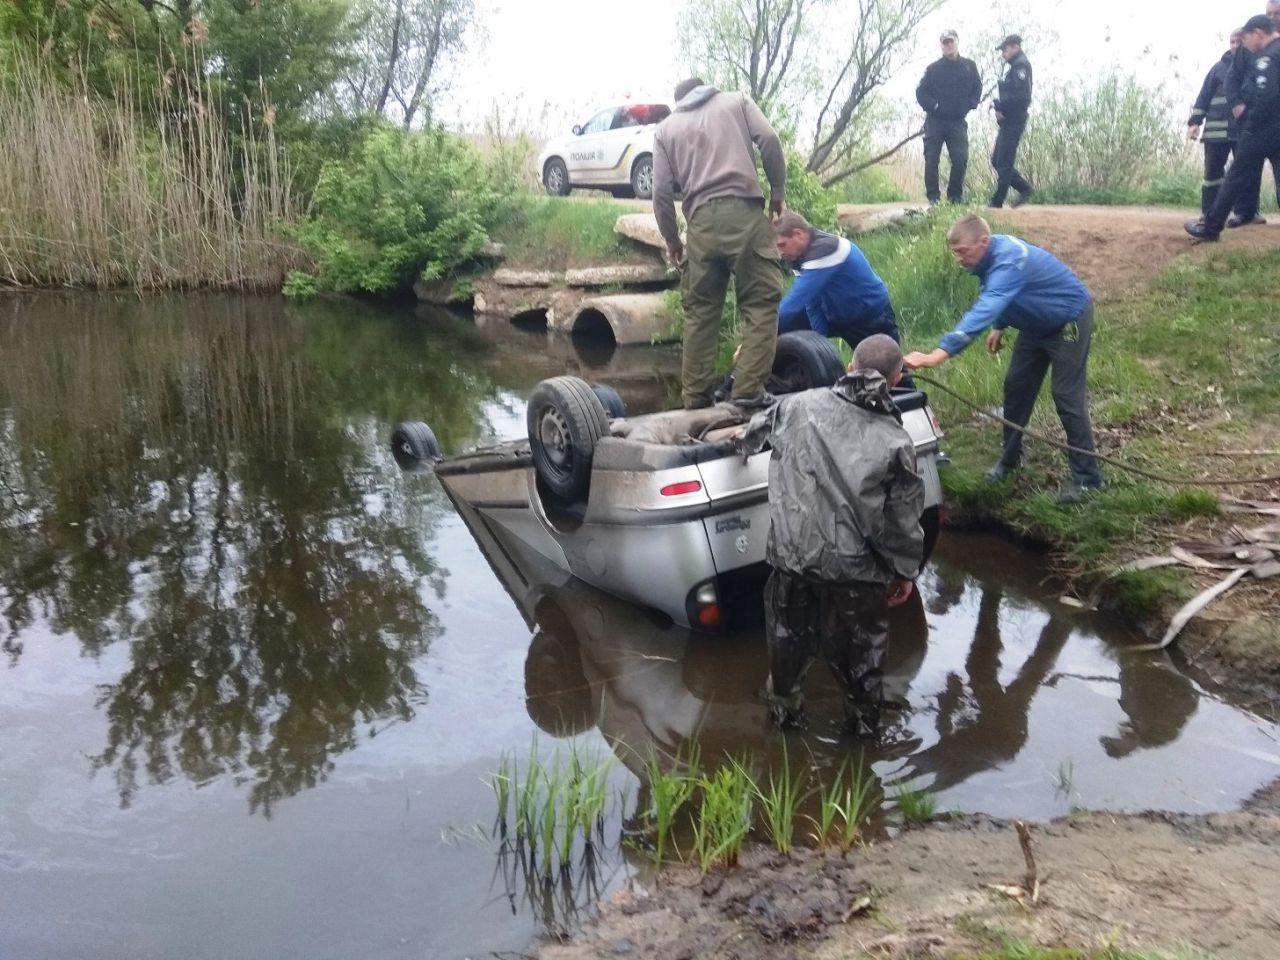 Авто злетіло з моста в річку біля Кропивницького: з'явилися фото та подробиці з місця НП